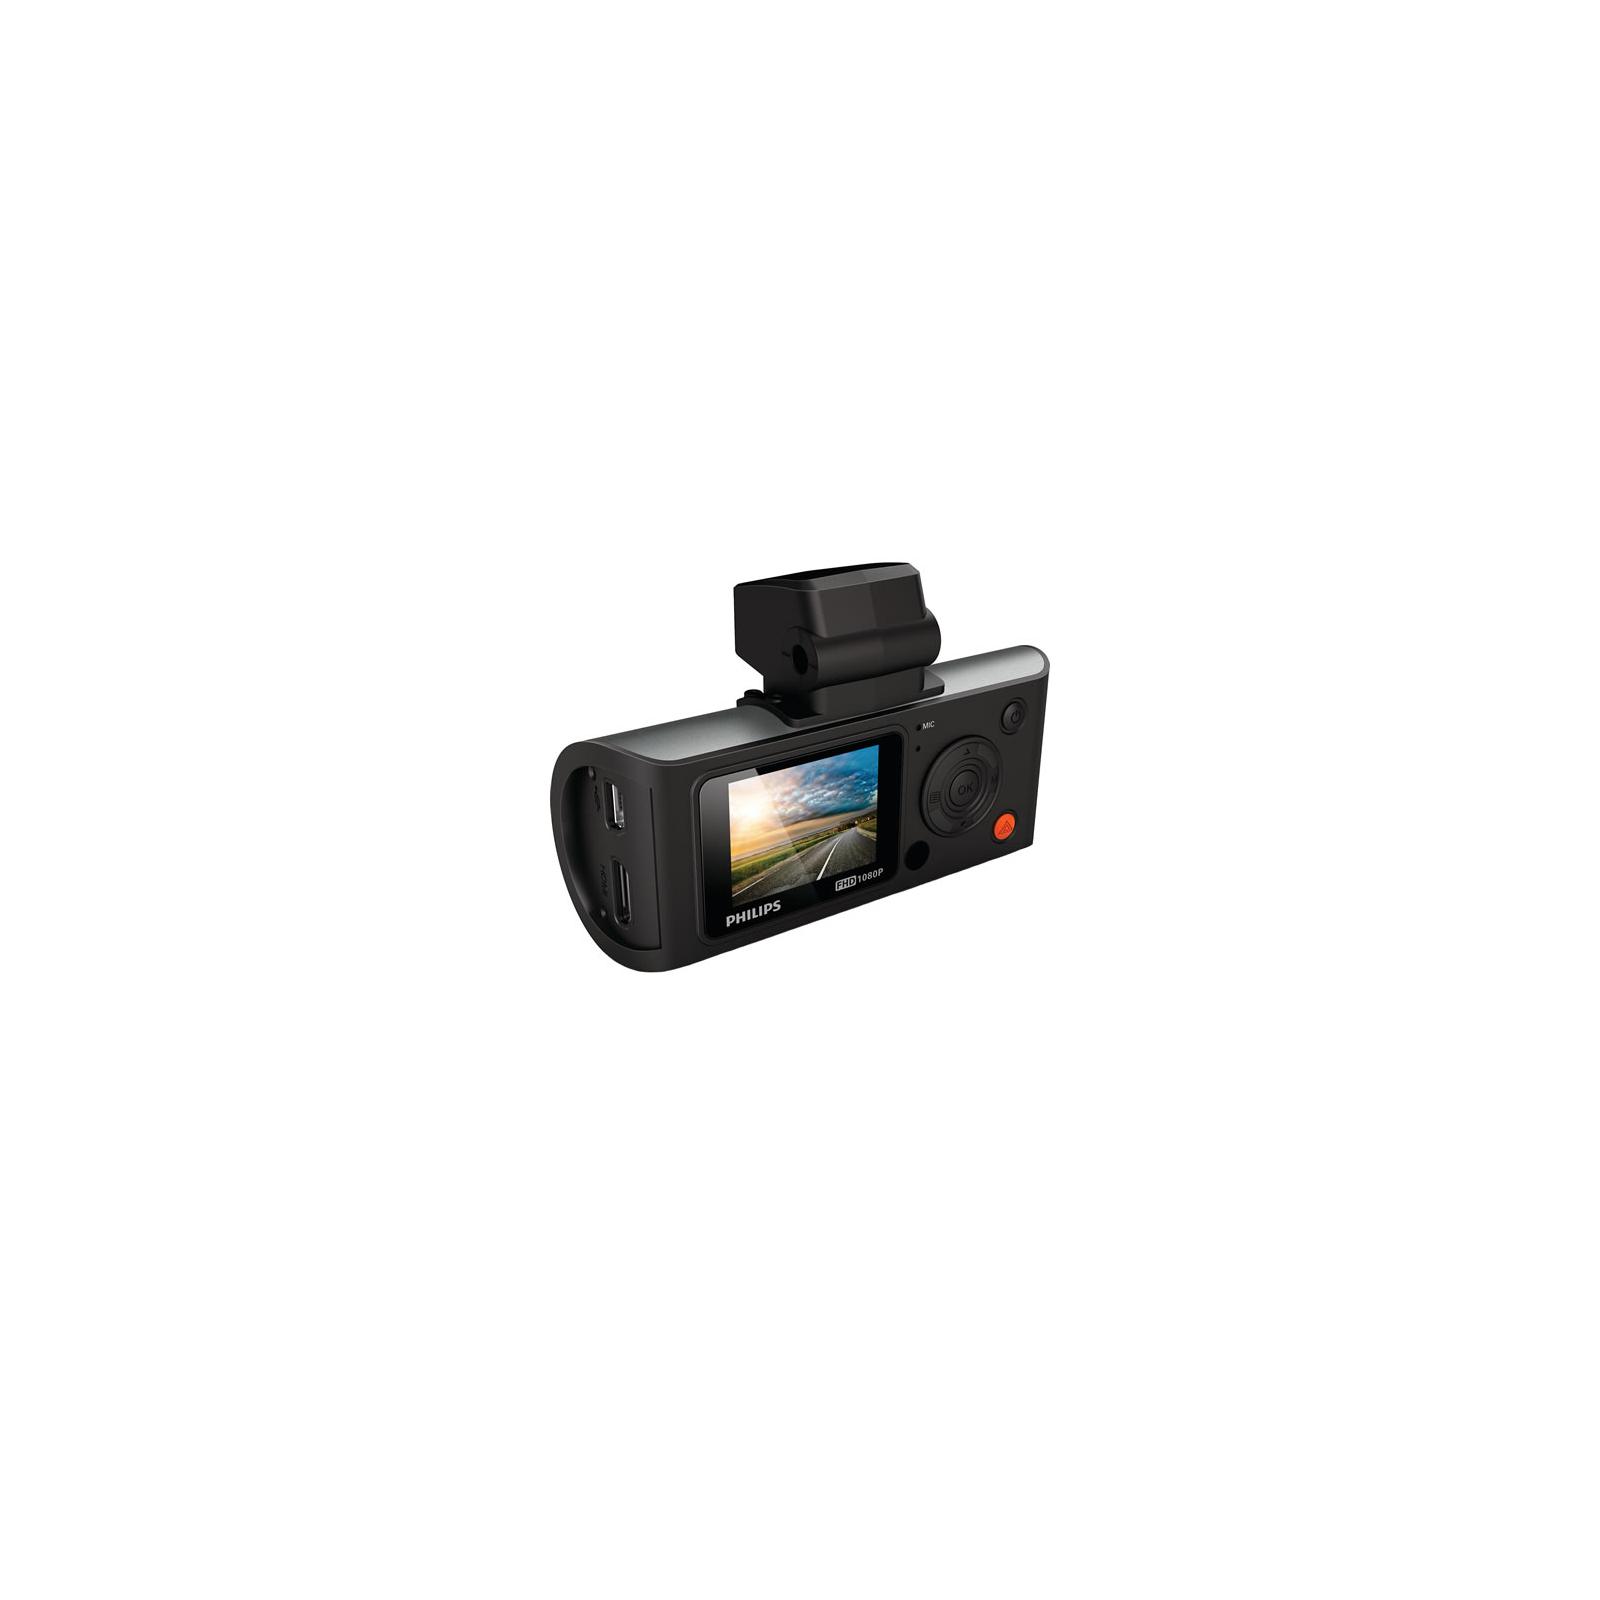 Видеорегистратор PHILIPS CVR700 GPS изображение 5